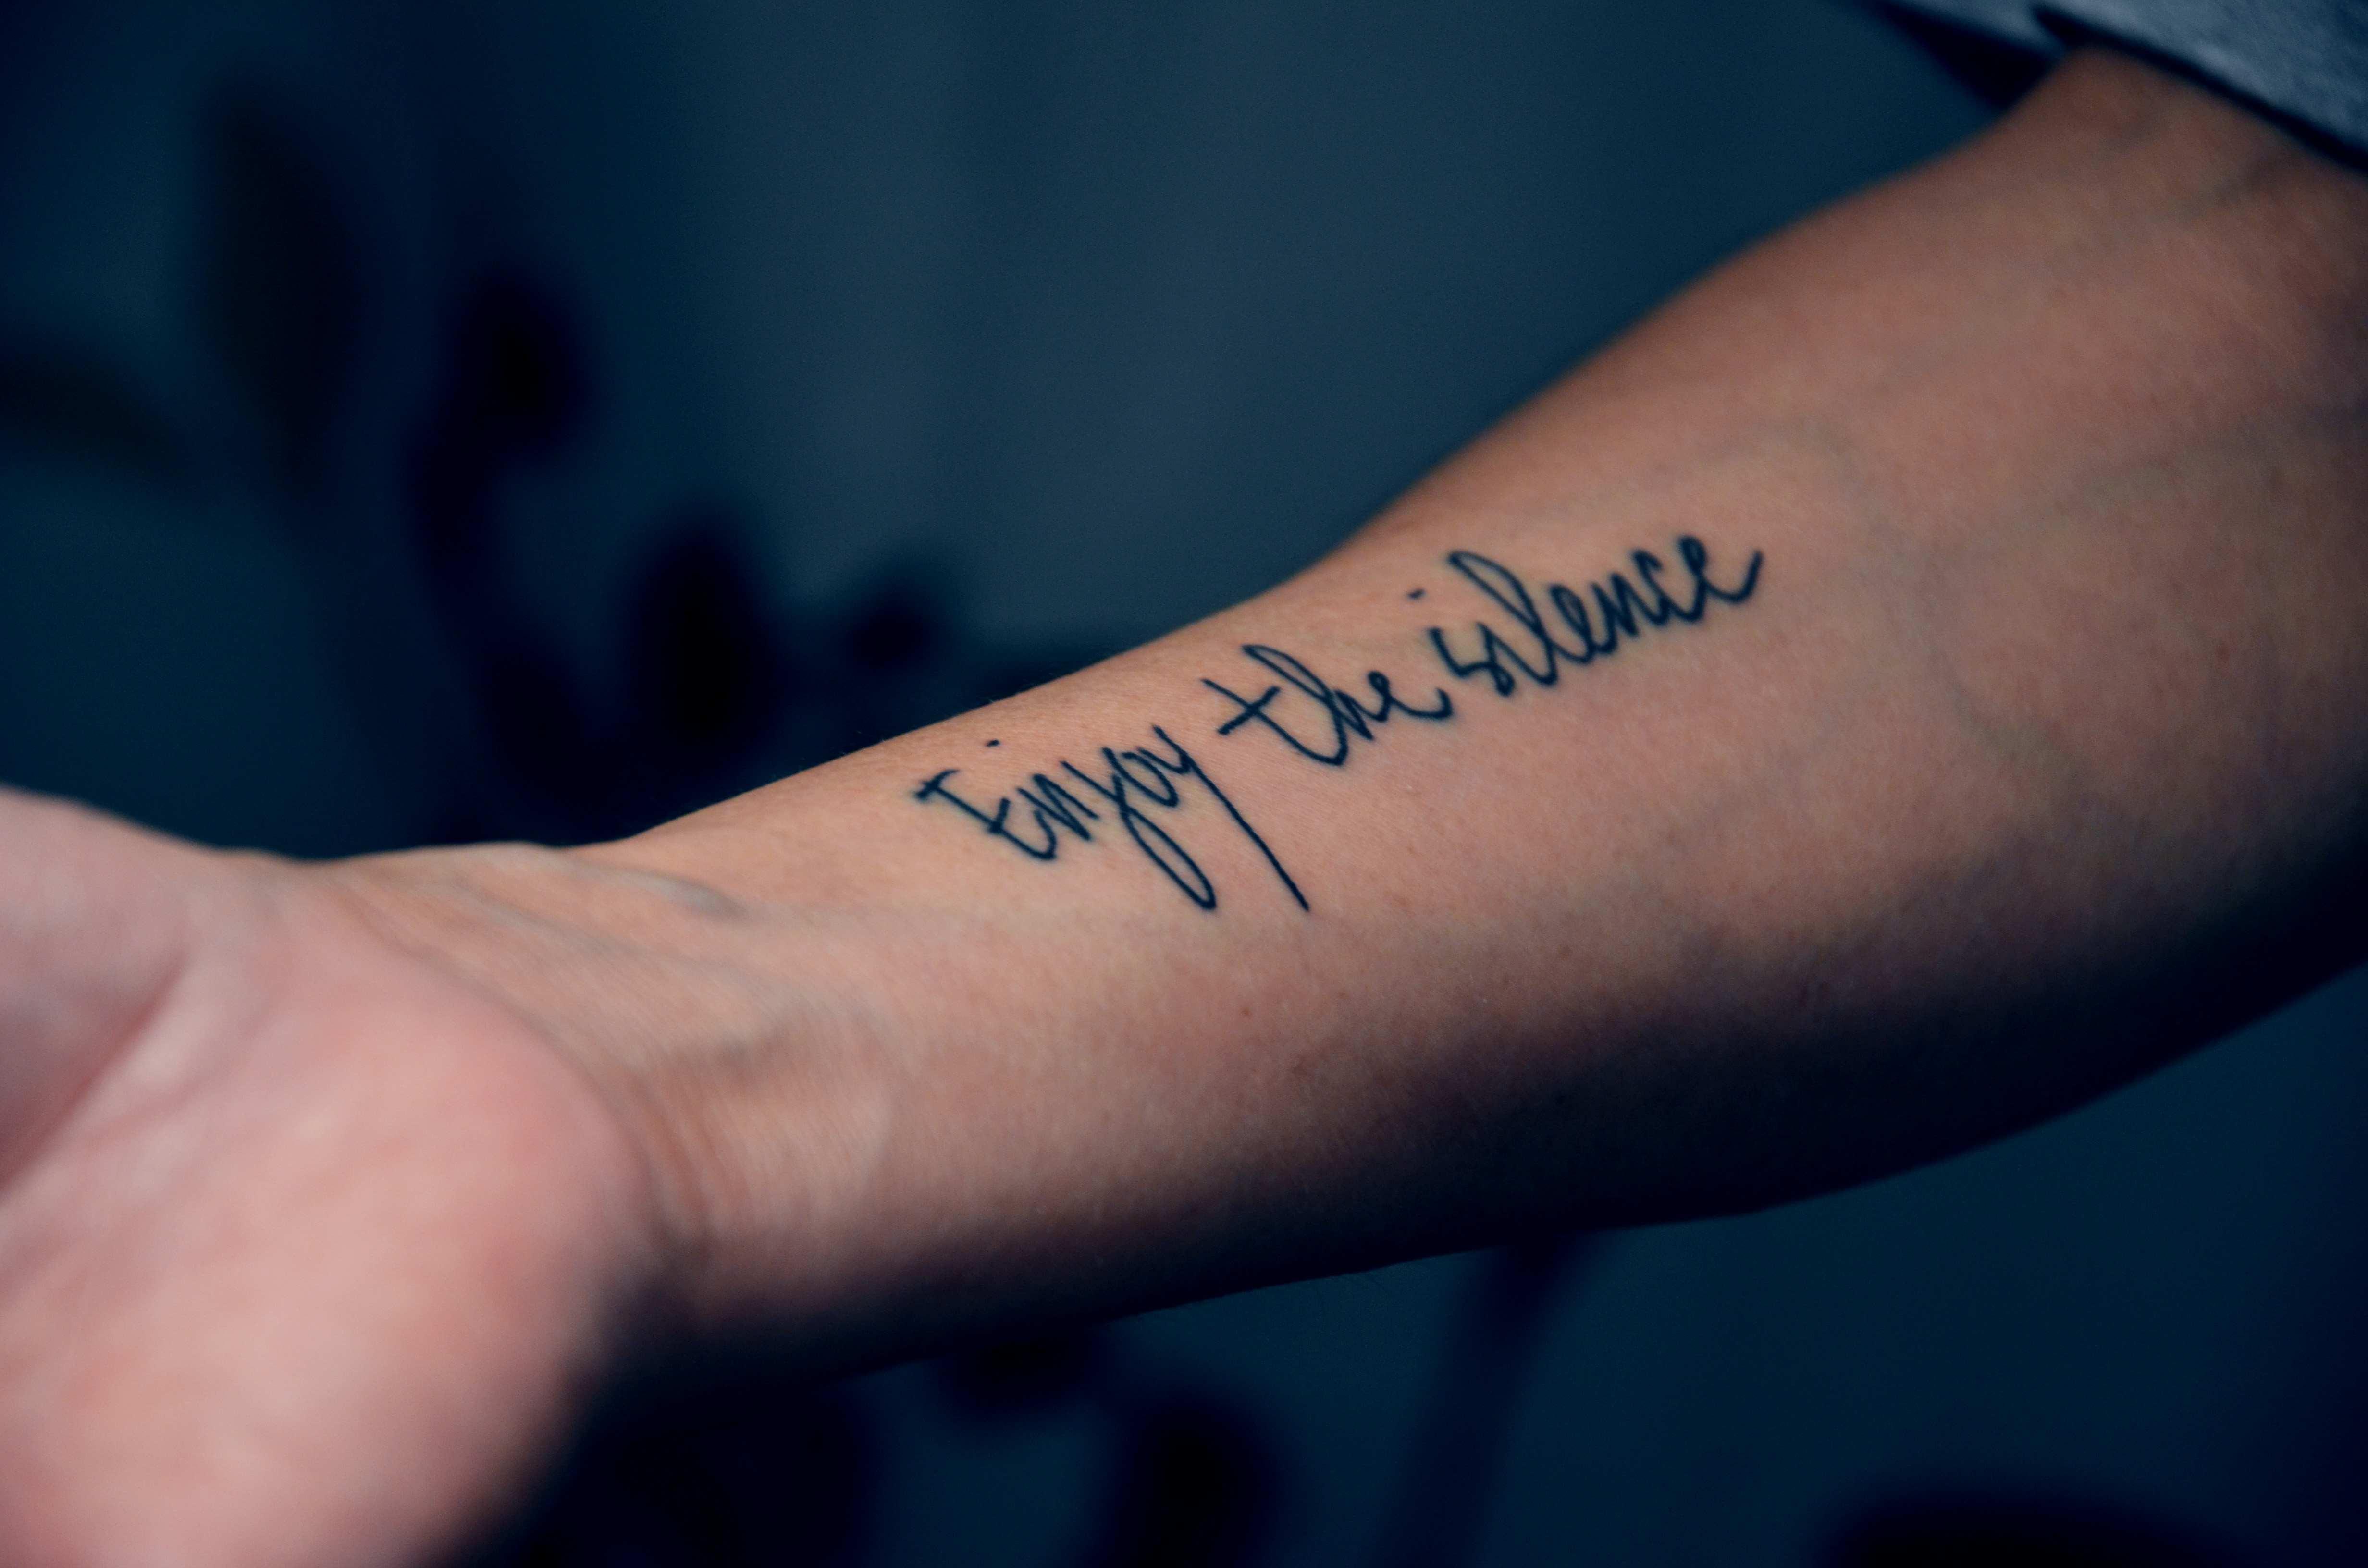 Tatuagem escrita na parte interna do braço